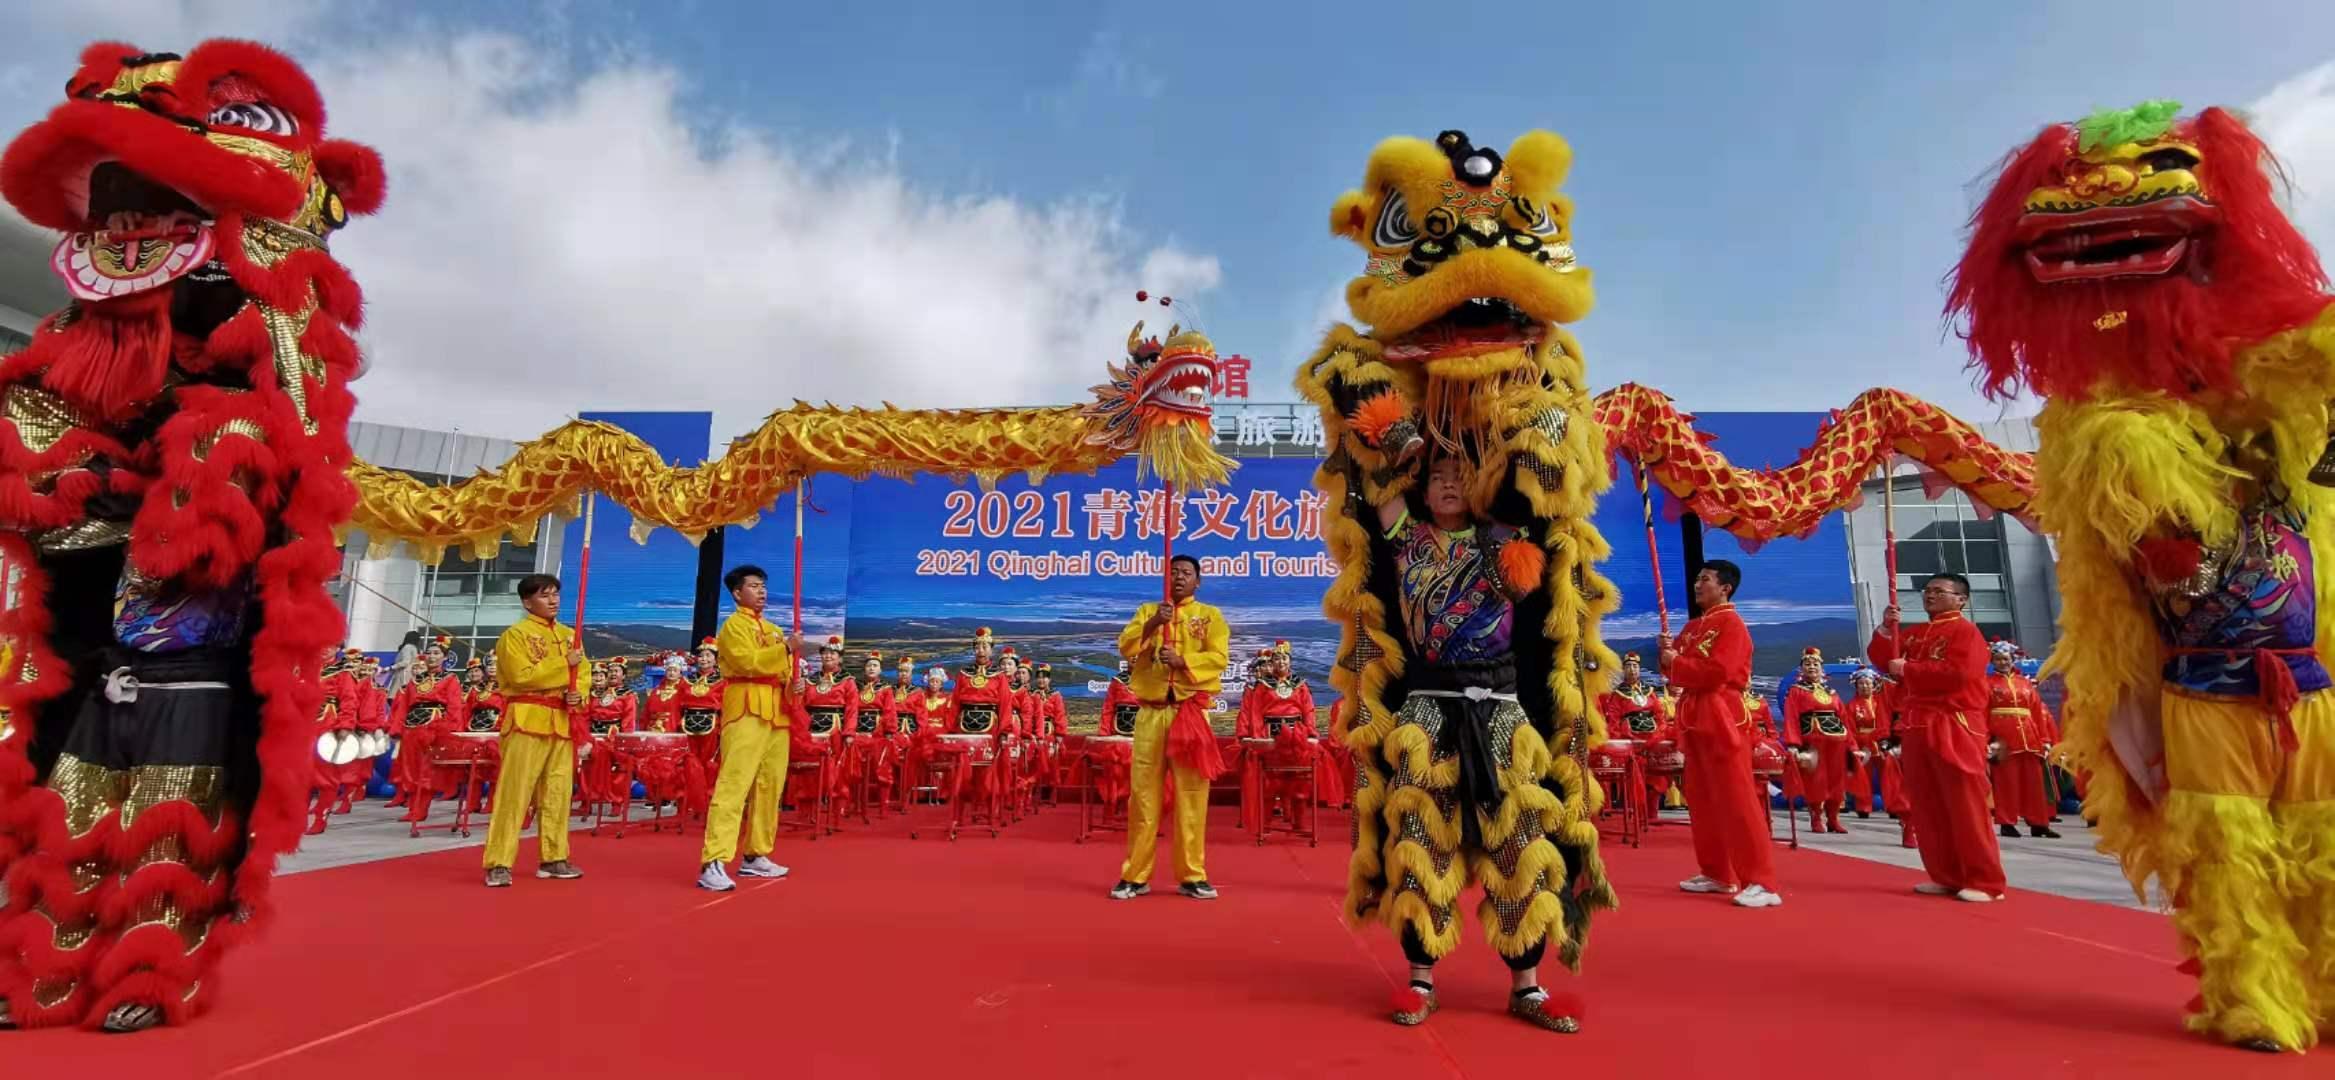 2021青海文化旅游节在青海国际会展中心开幕